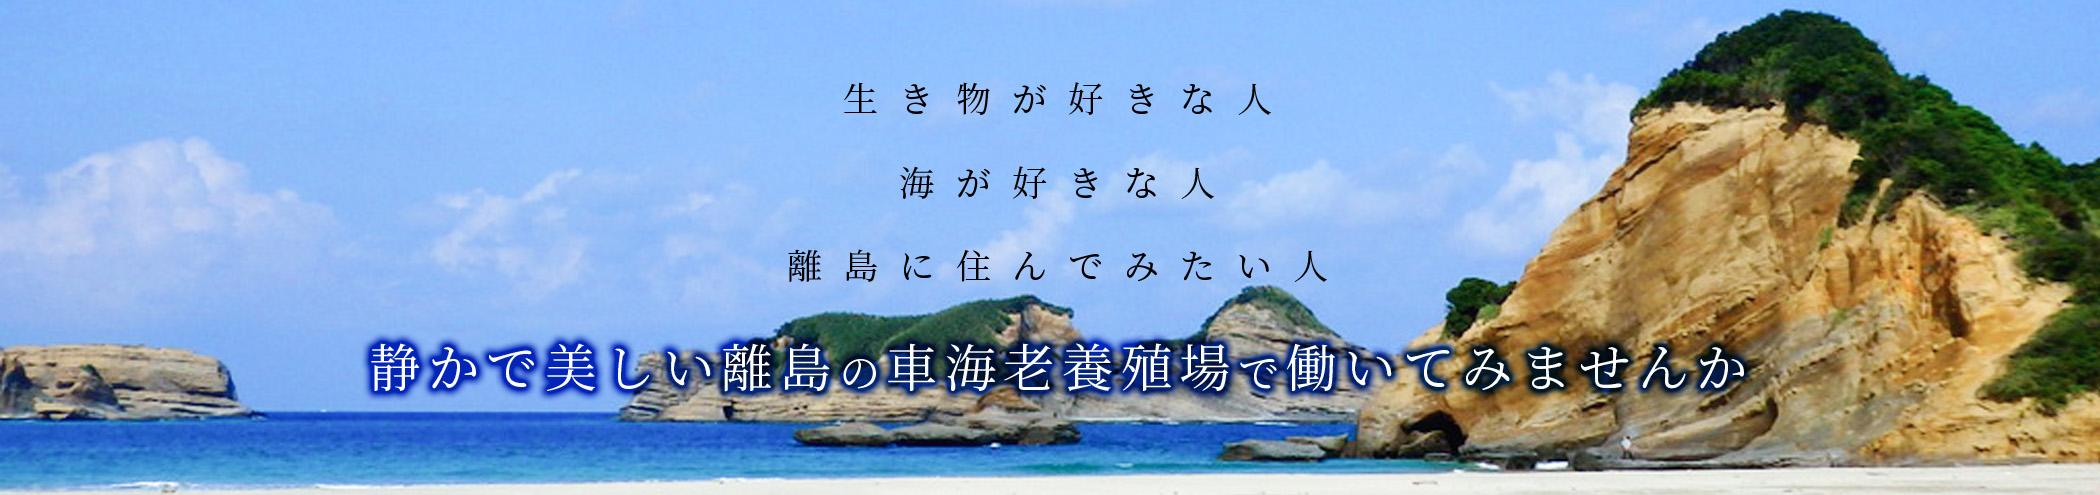 saiyou_header.jpg